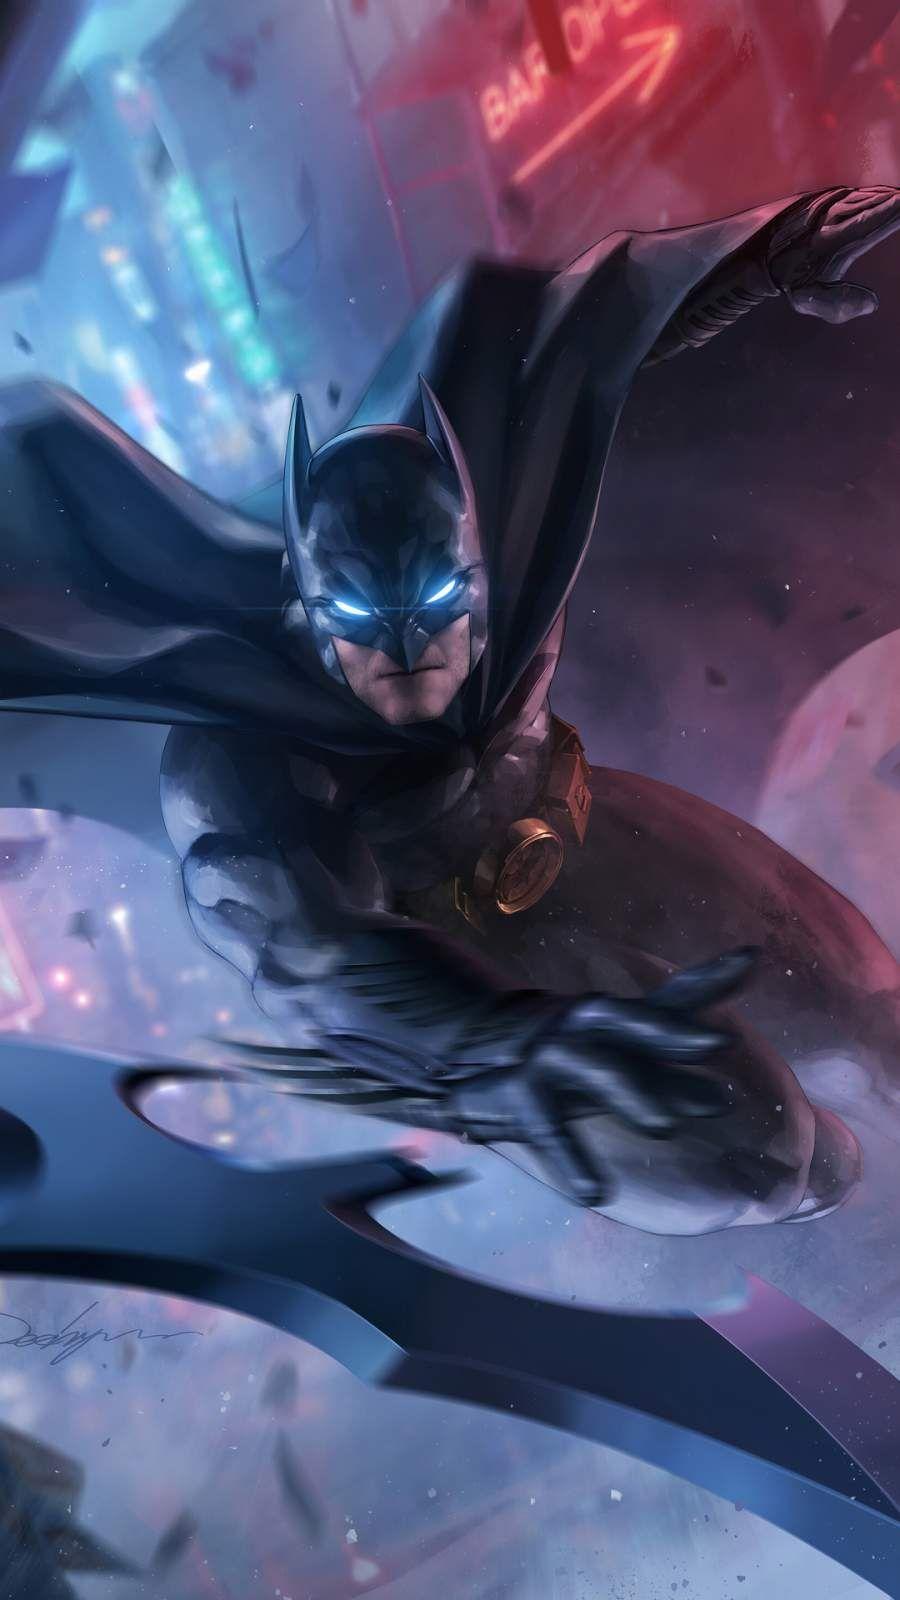 Batman Attack Iphone Wallpaper Batman Comic Art Batman Pictures Batman Canvas Art